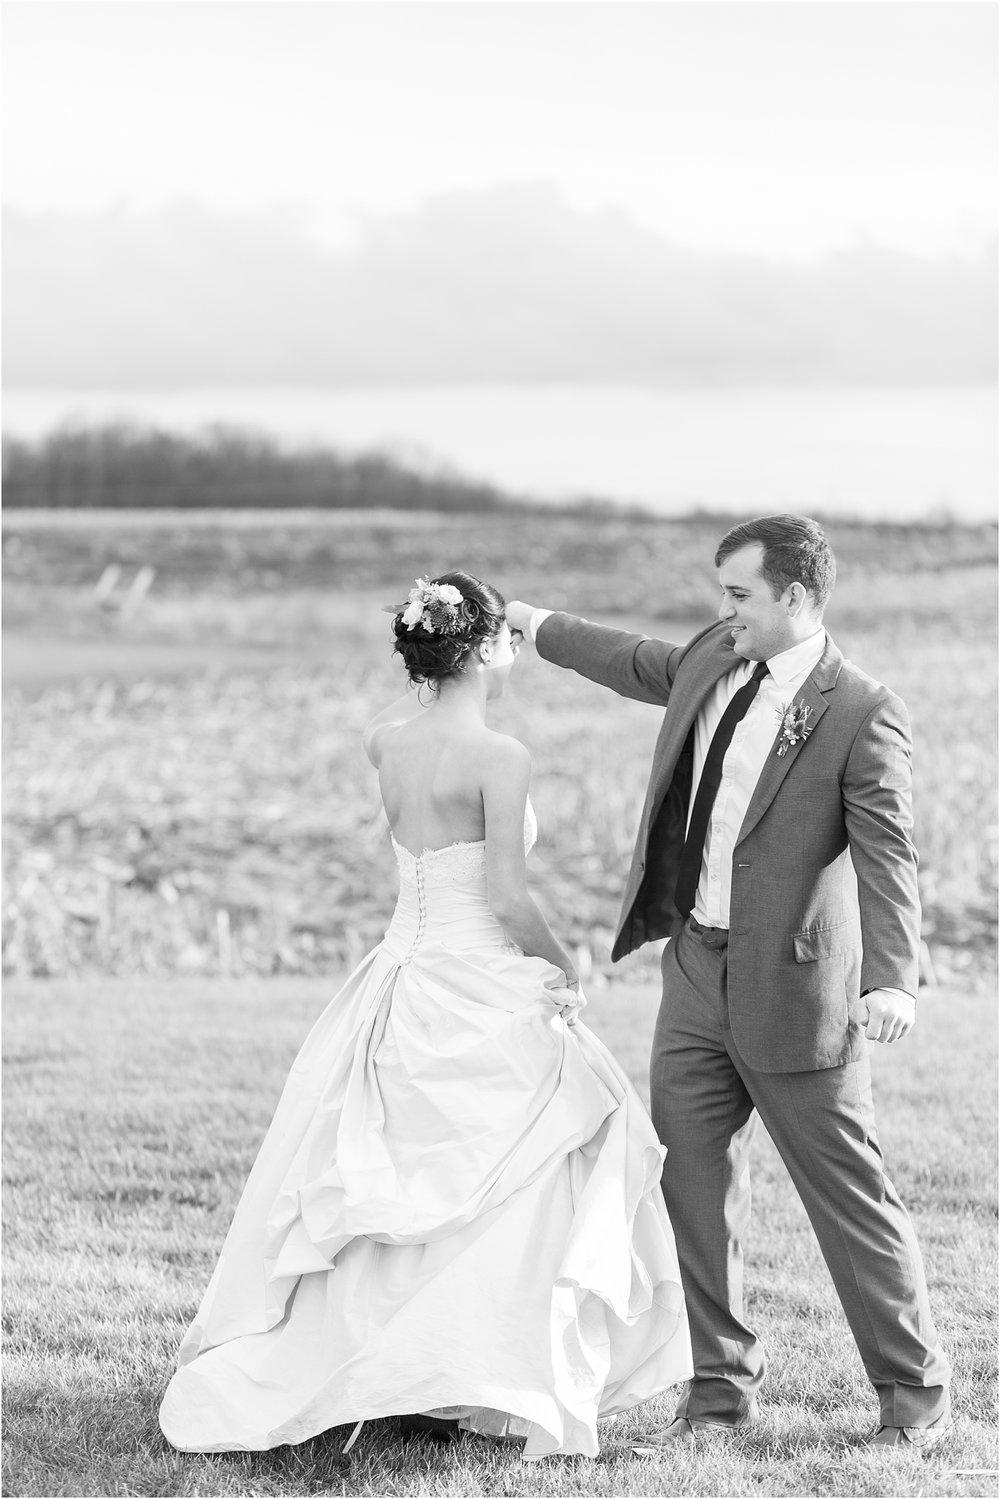 elegant-classic-timeless-candid-winter-wedding-photos-in-ann-arbor-mi-by-courtney-carolyn-photography_0035.jpg